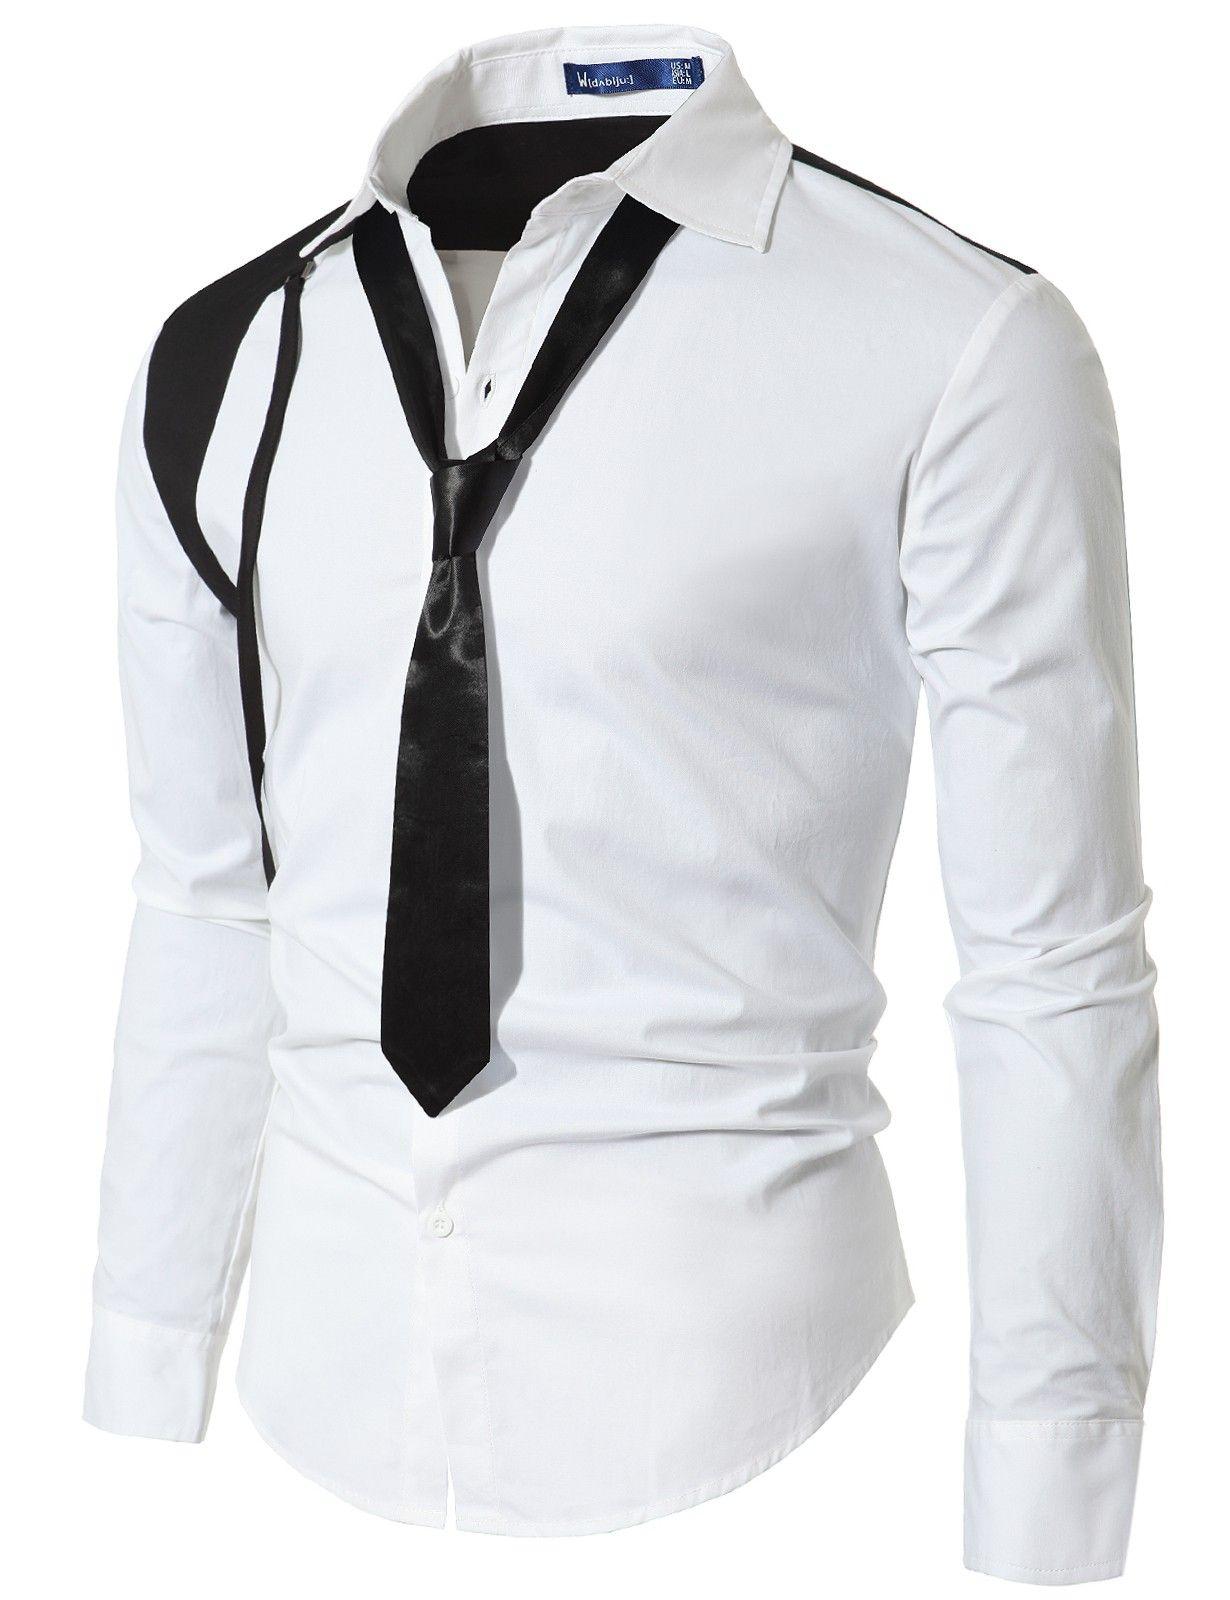 Mens Unique Shirts with Tie  doublju · Moda Para HombresLazo CasualEstilo  Casual De HombresCamisa ... 81c3e3eab83